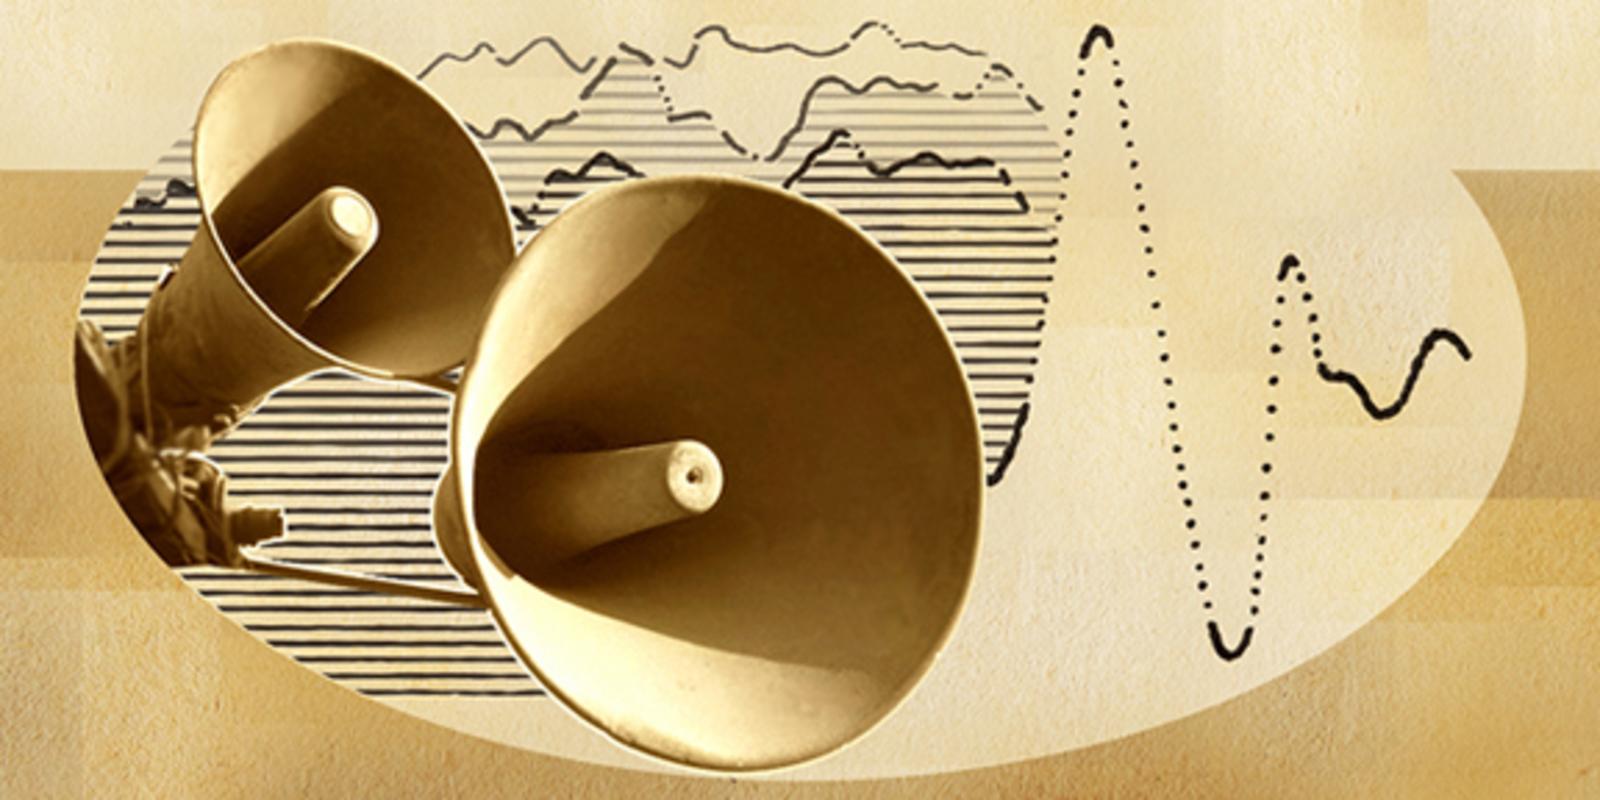 Arts sonores - techniques et créations - Plateforme de la jeune création franco-allemande